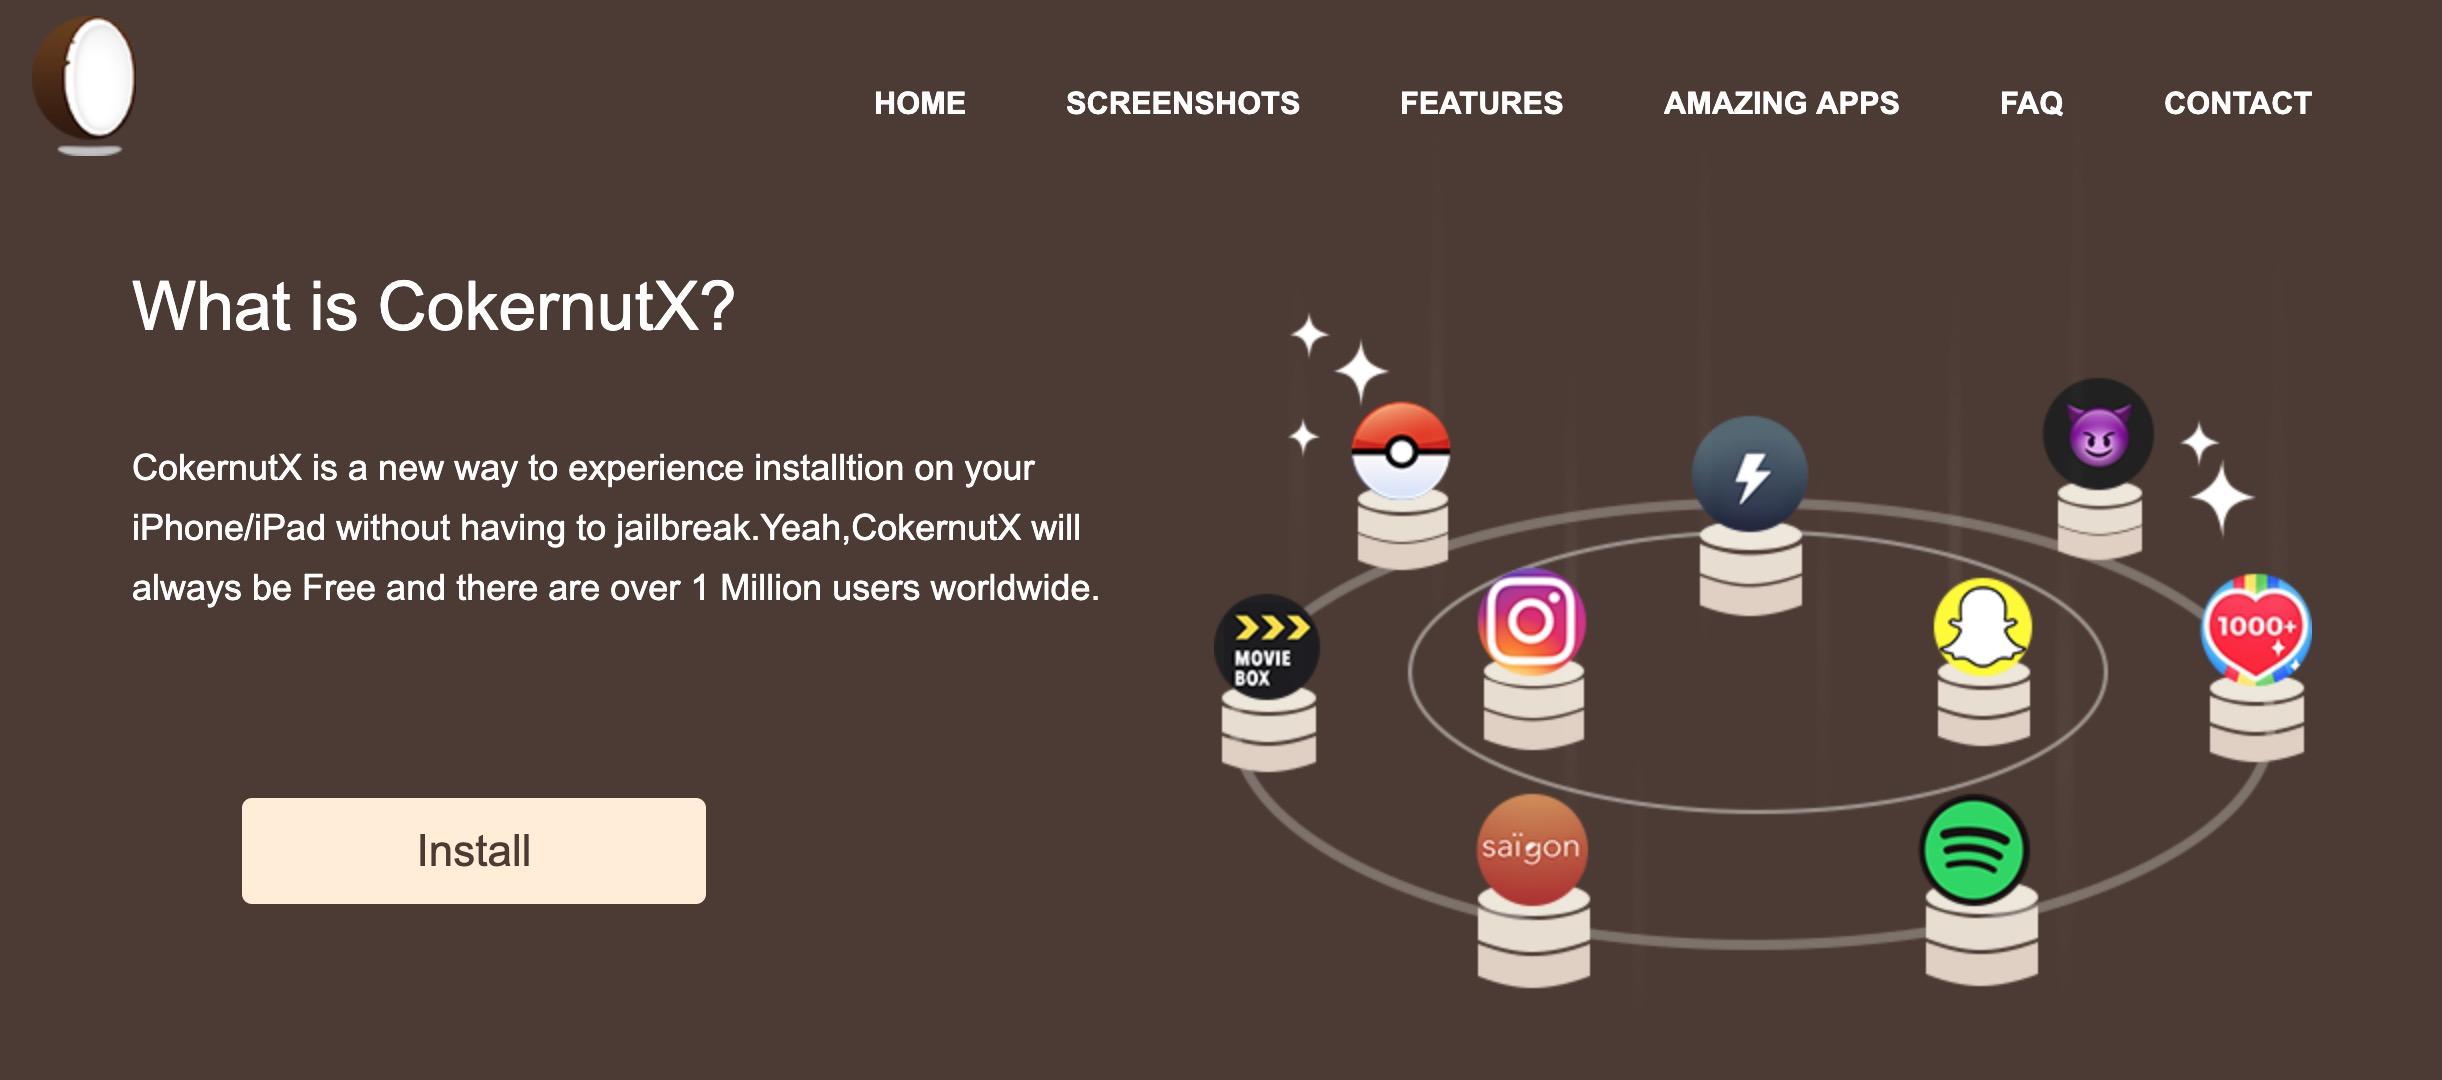 Scaricare app a pagamento gratis su iPhone con Cokernutx